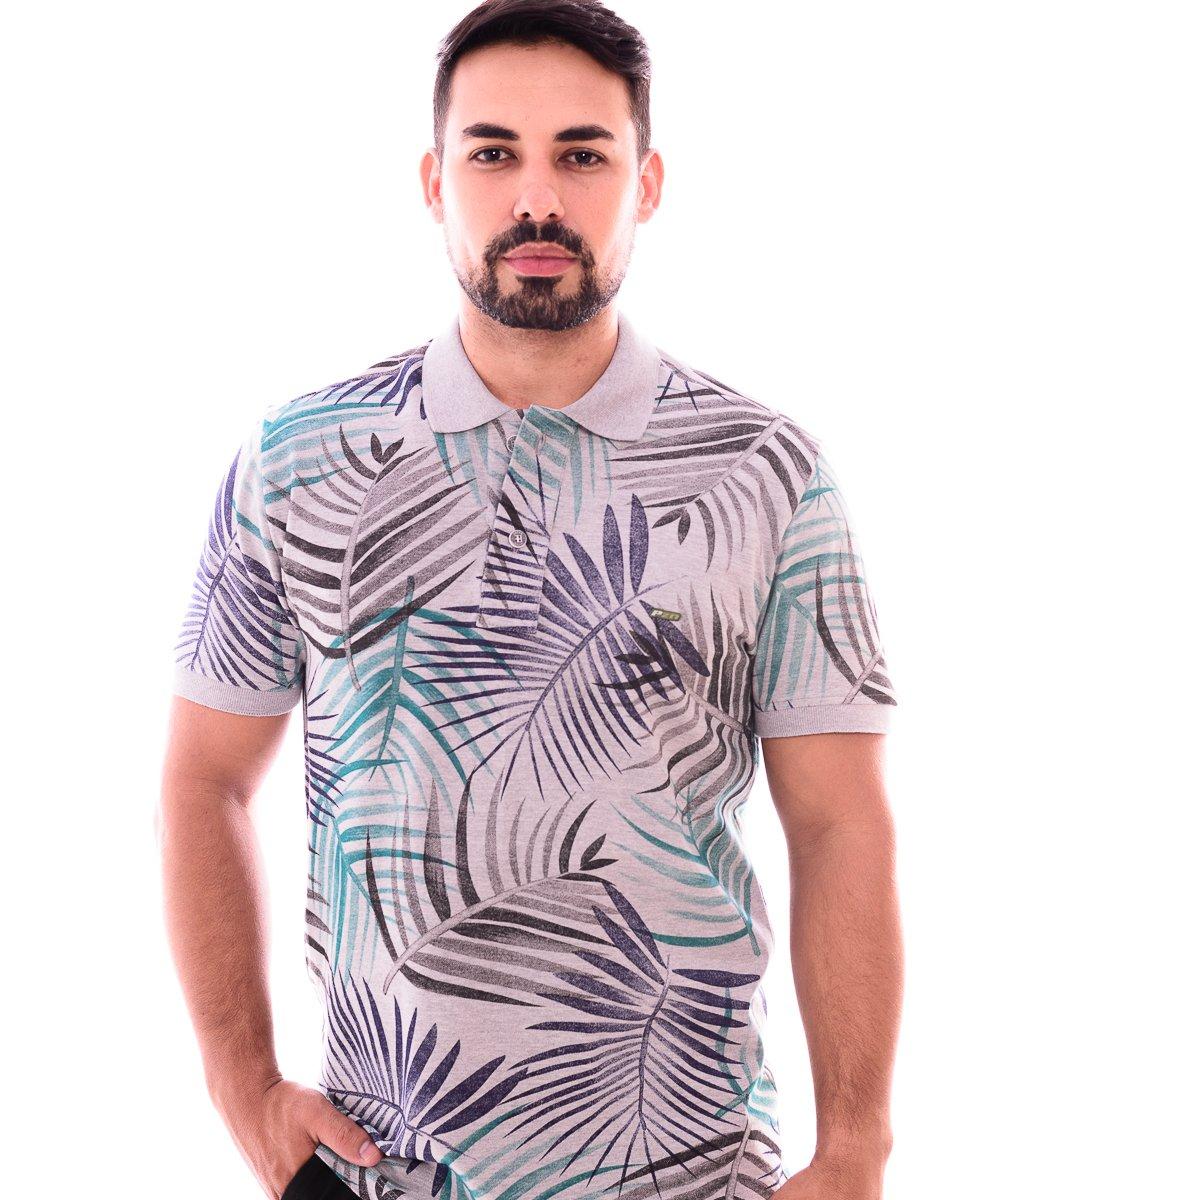 camiseta-gola-polo-cinza-estampada-9daa97d6f28938ac424a25f1f11dd192.jpg 17897f58c4887